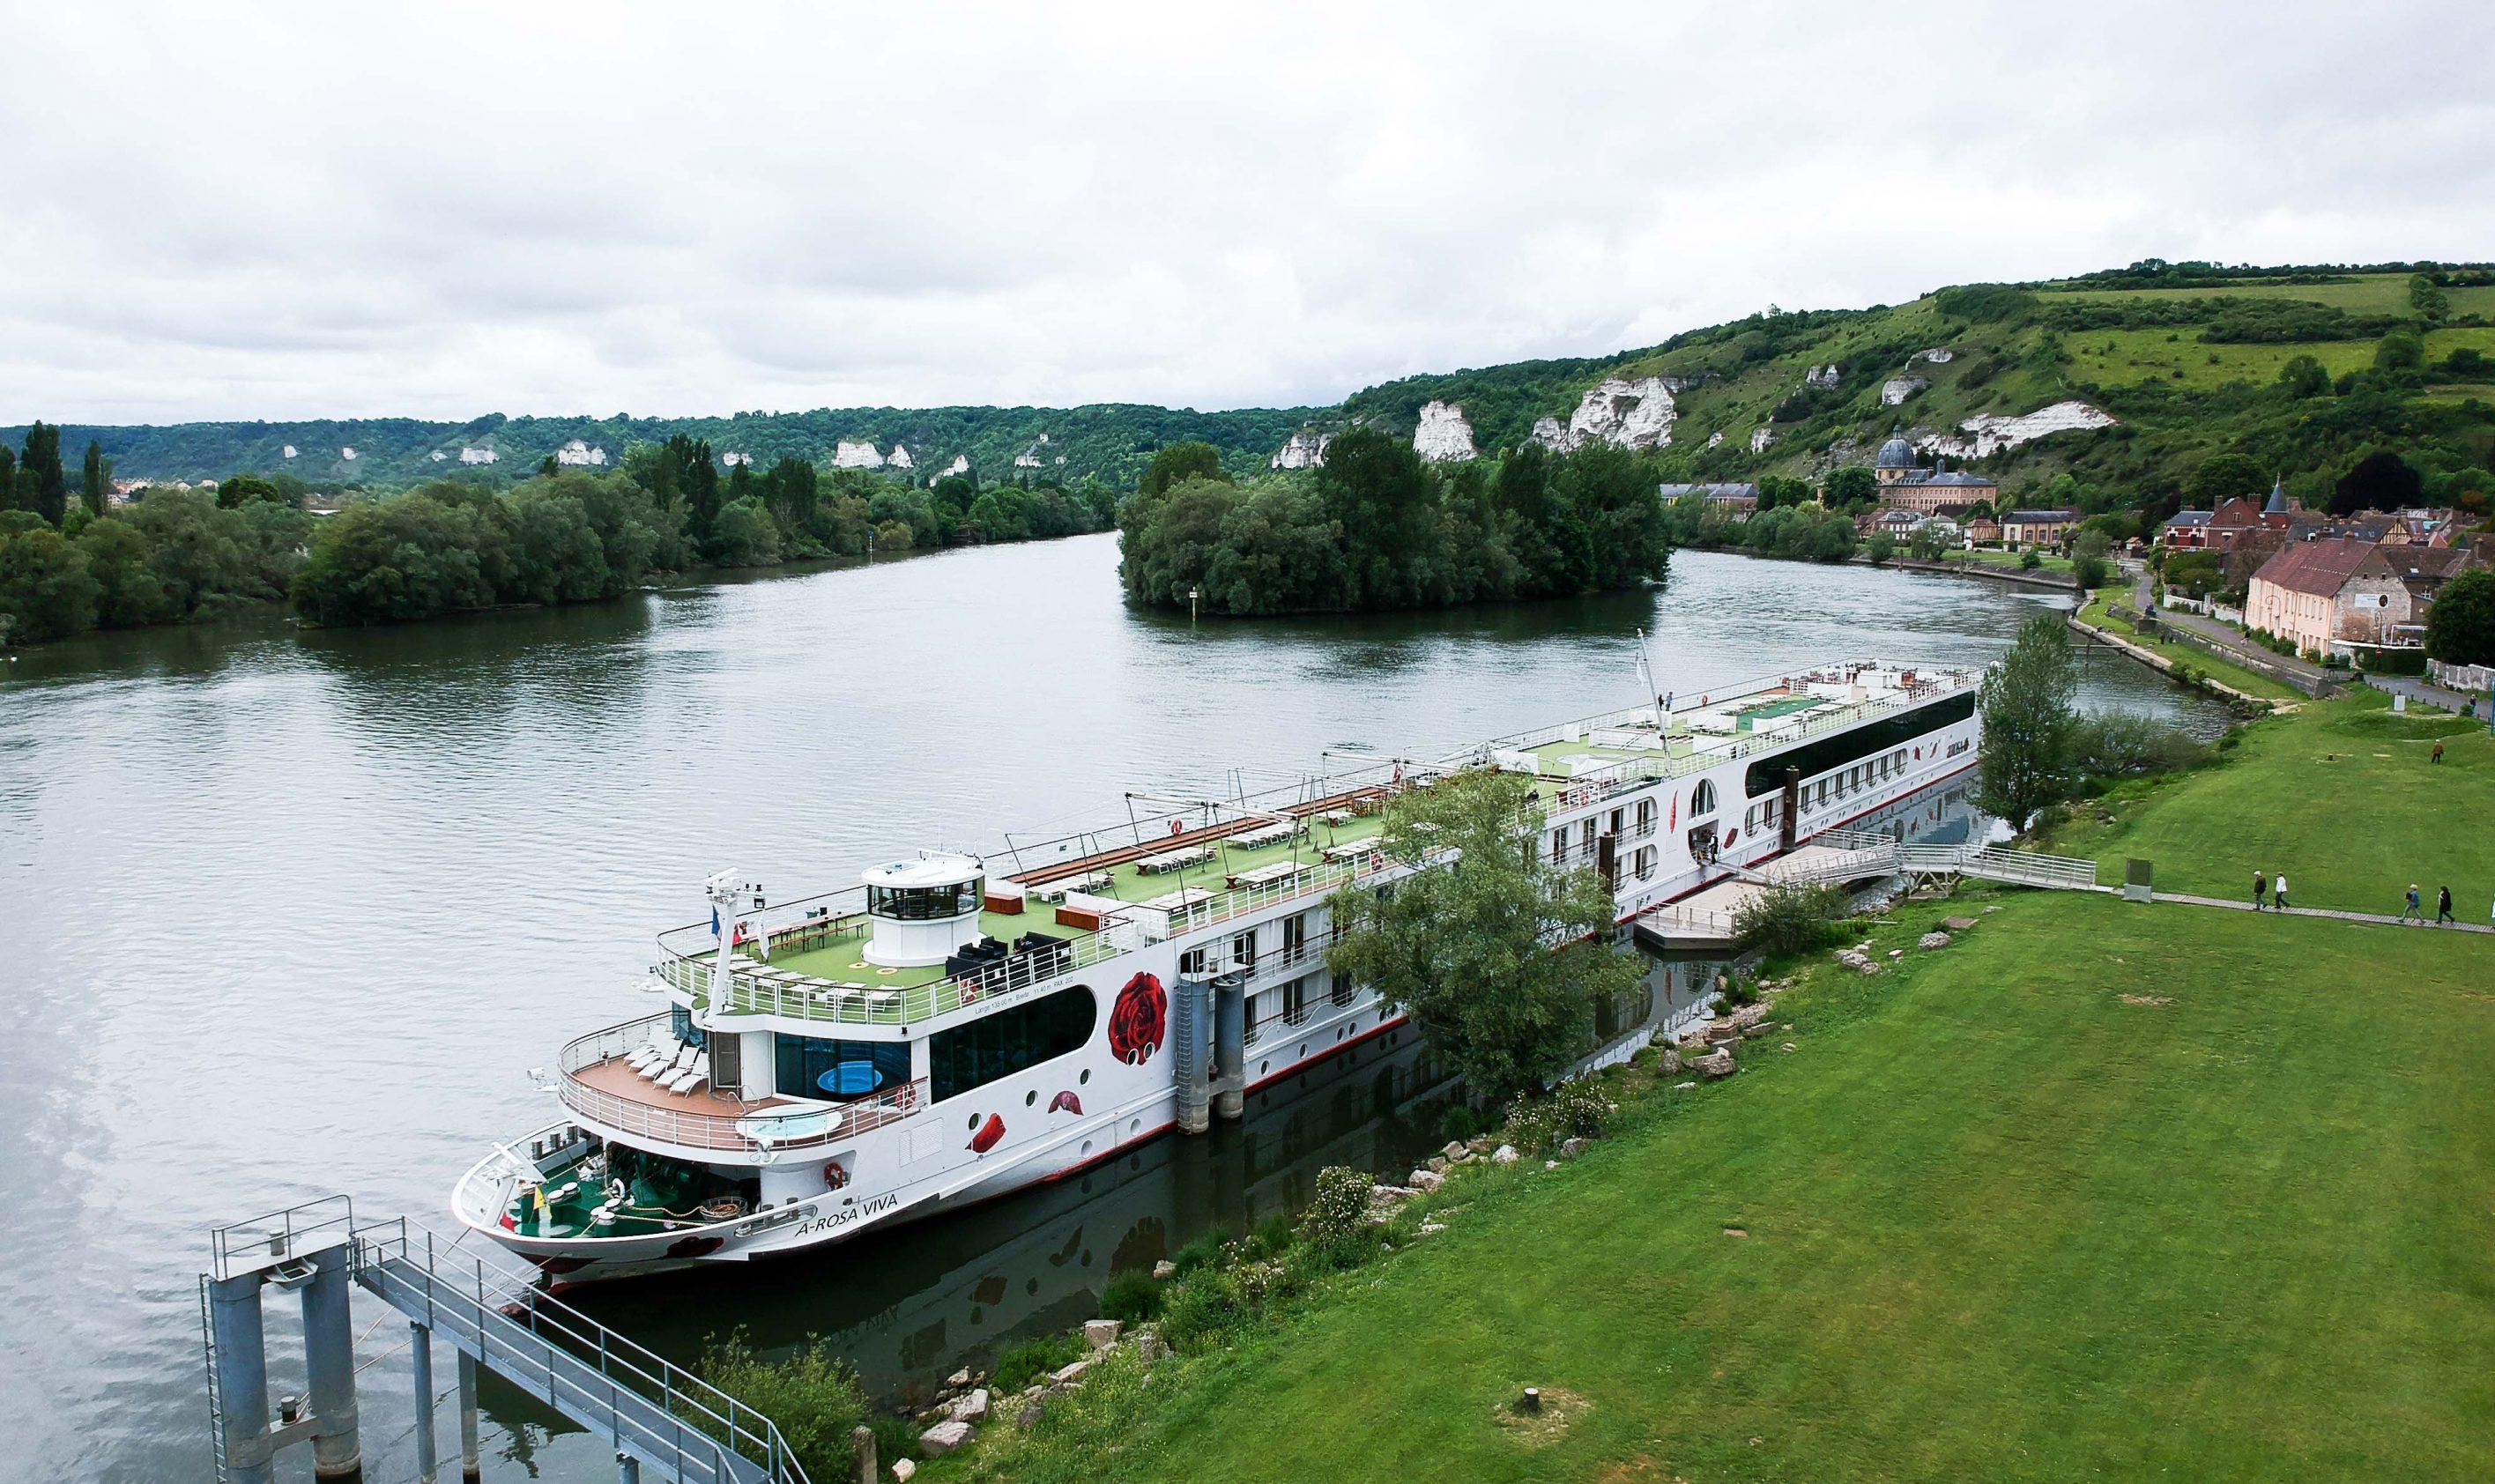 AROSA VIVA Seine Flusskreuzfahrt Kreuzfahrtschiff Drohne Schiff außen von oben